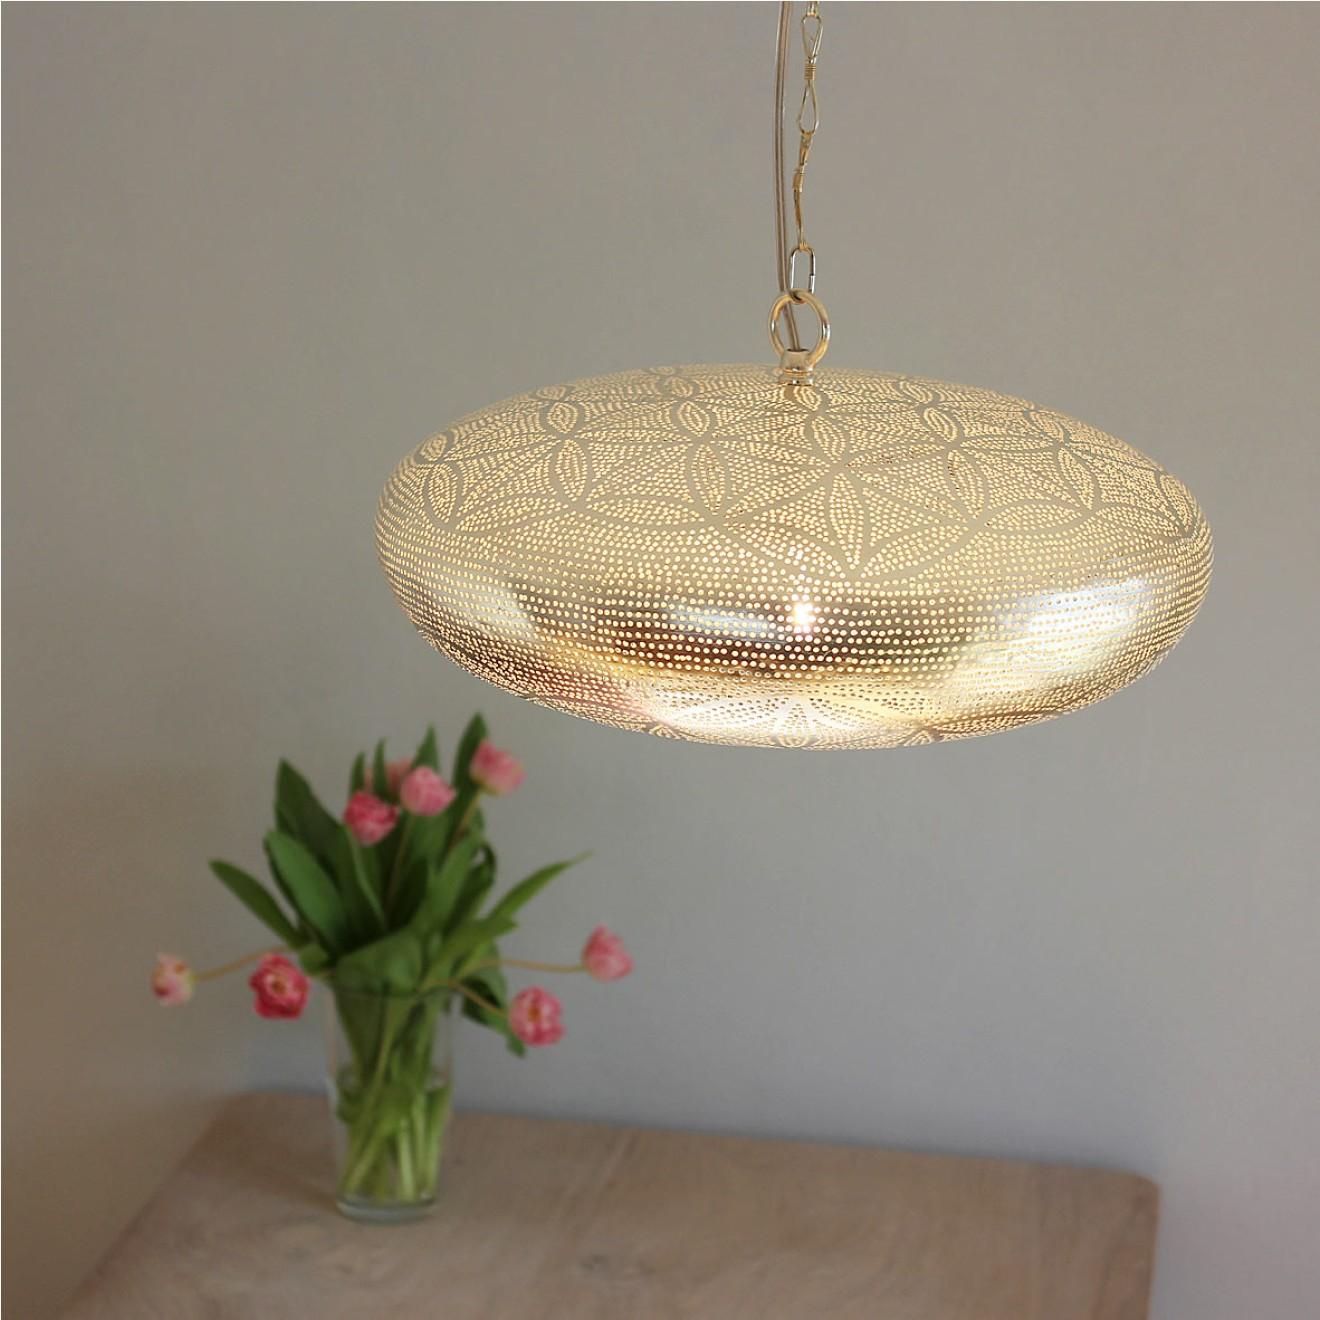 Orientalische deckenlampe silber handgefertigt for Orientalische deckenlampe